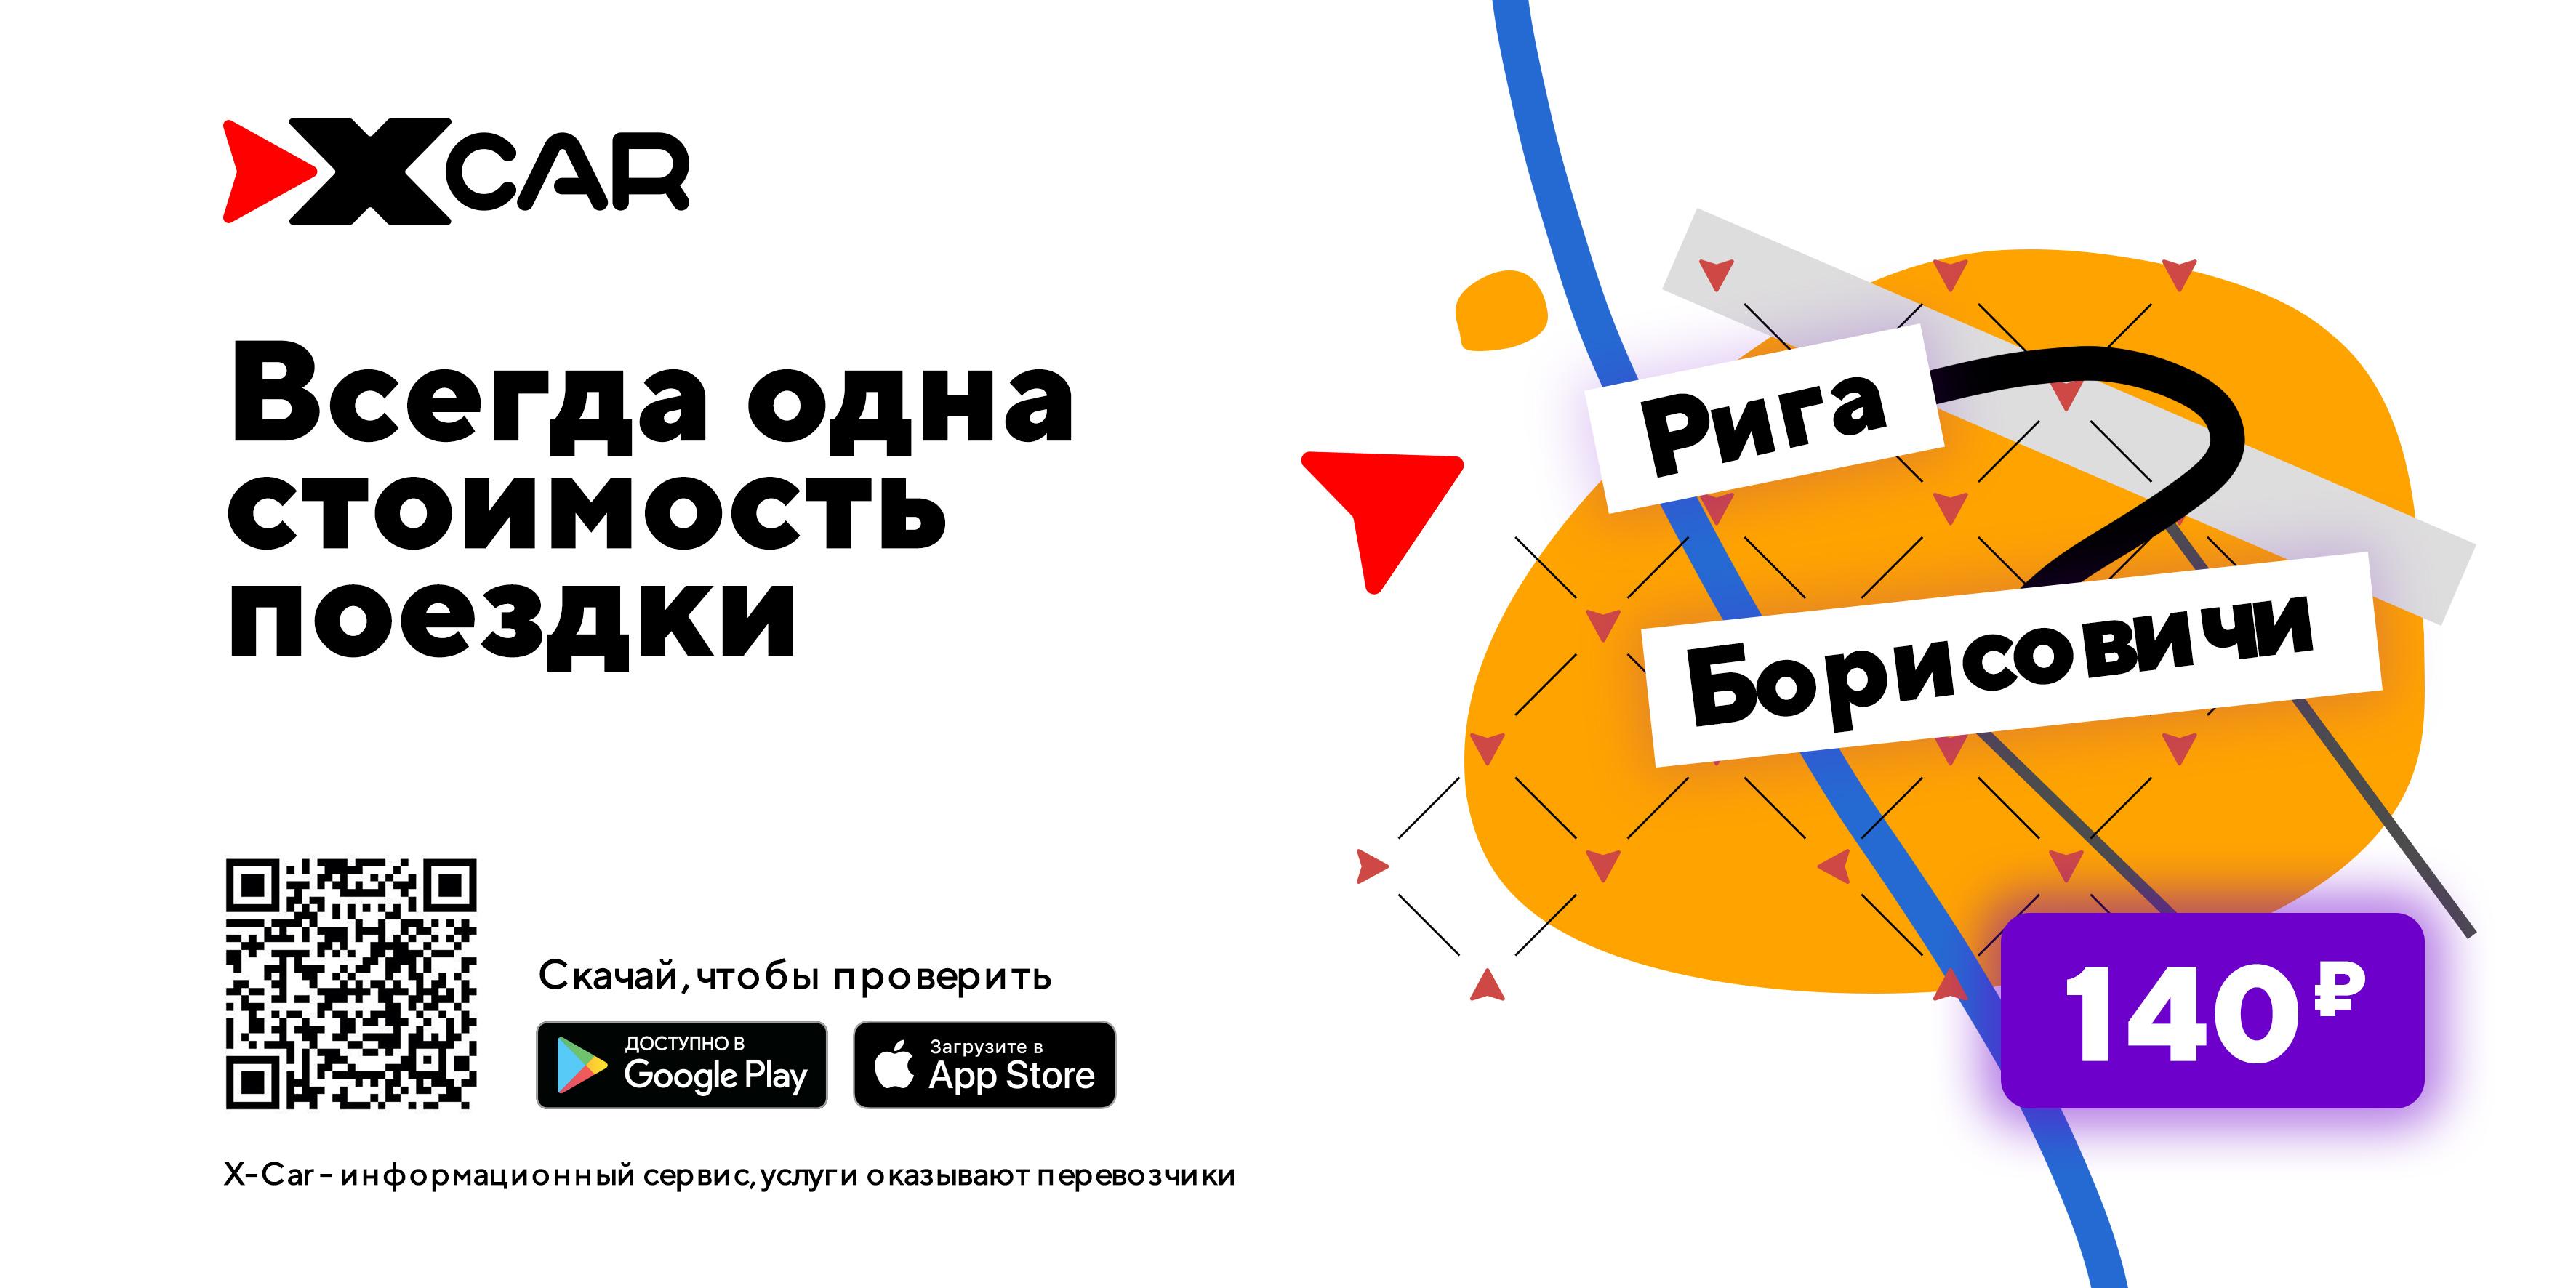 Реклама агрегатора такси